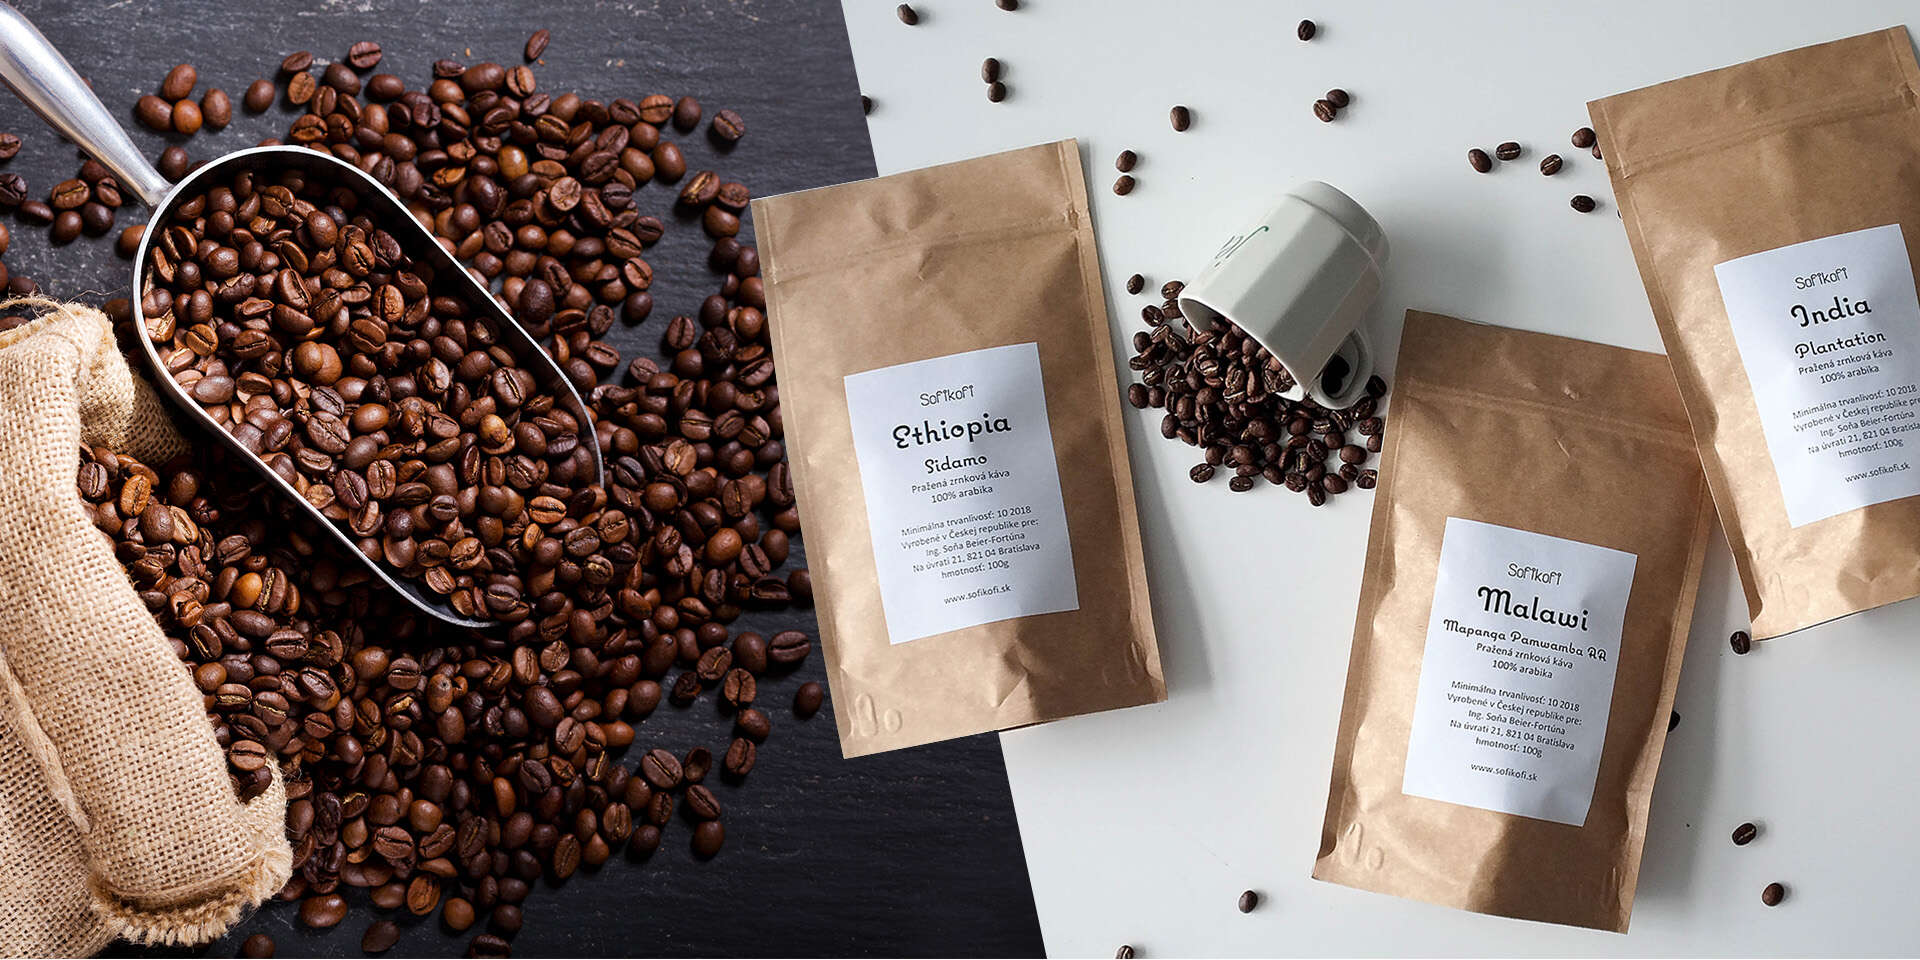 Degustačné balíčky plantážnej zrnkovej kávy z celého sveta od SofiKofi